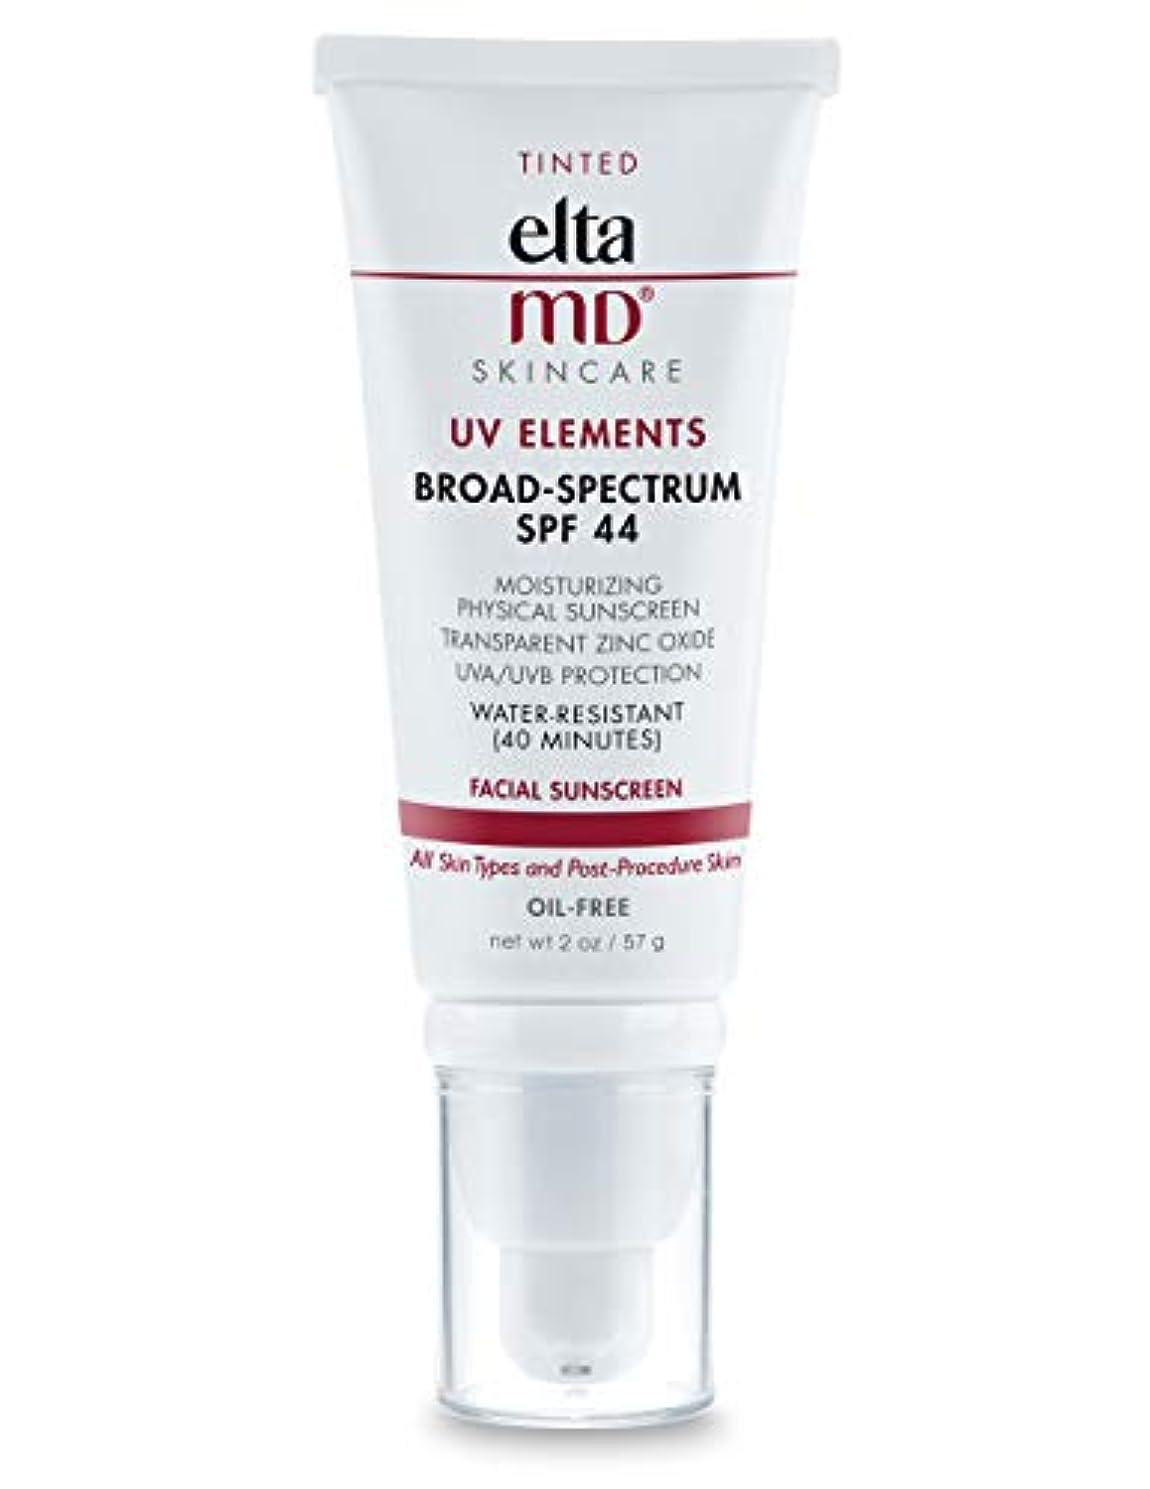 バイソン鉛筆荒涼としたエルタMD UV Elements Moisturizing Physical Tinted Facial Sunscreen SPF 44 - For All Skin Types & Post-Procedure Skin...